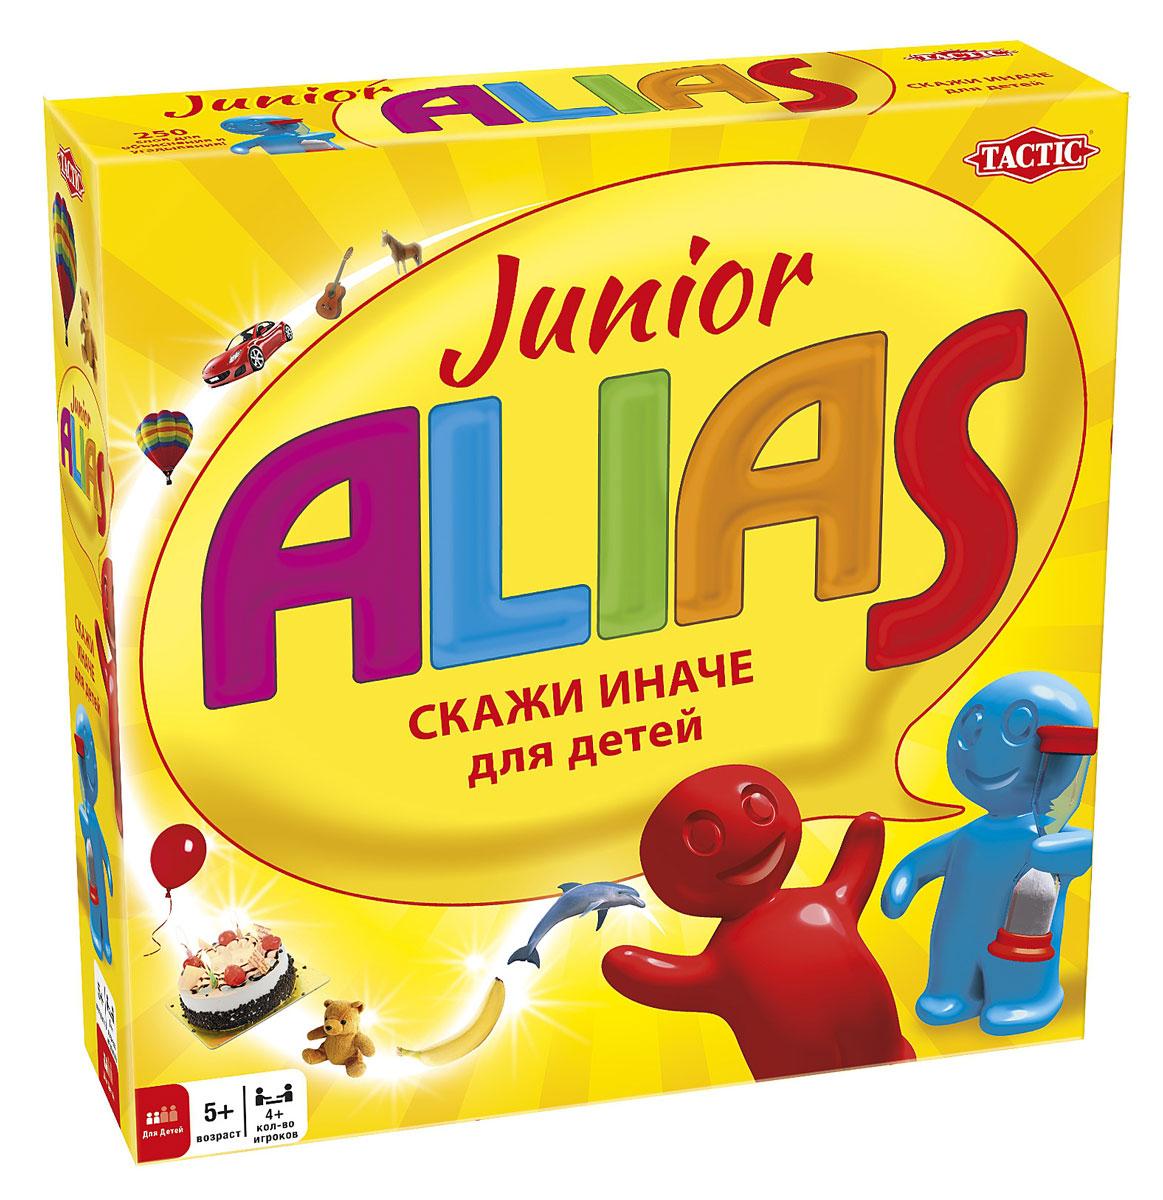 Tactic Games Обучающая игра Alias Скажи иначе для детей александр alias сдам квартиру недорого